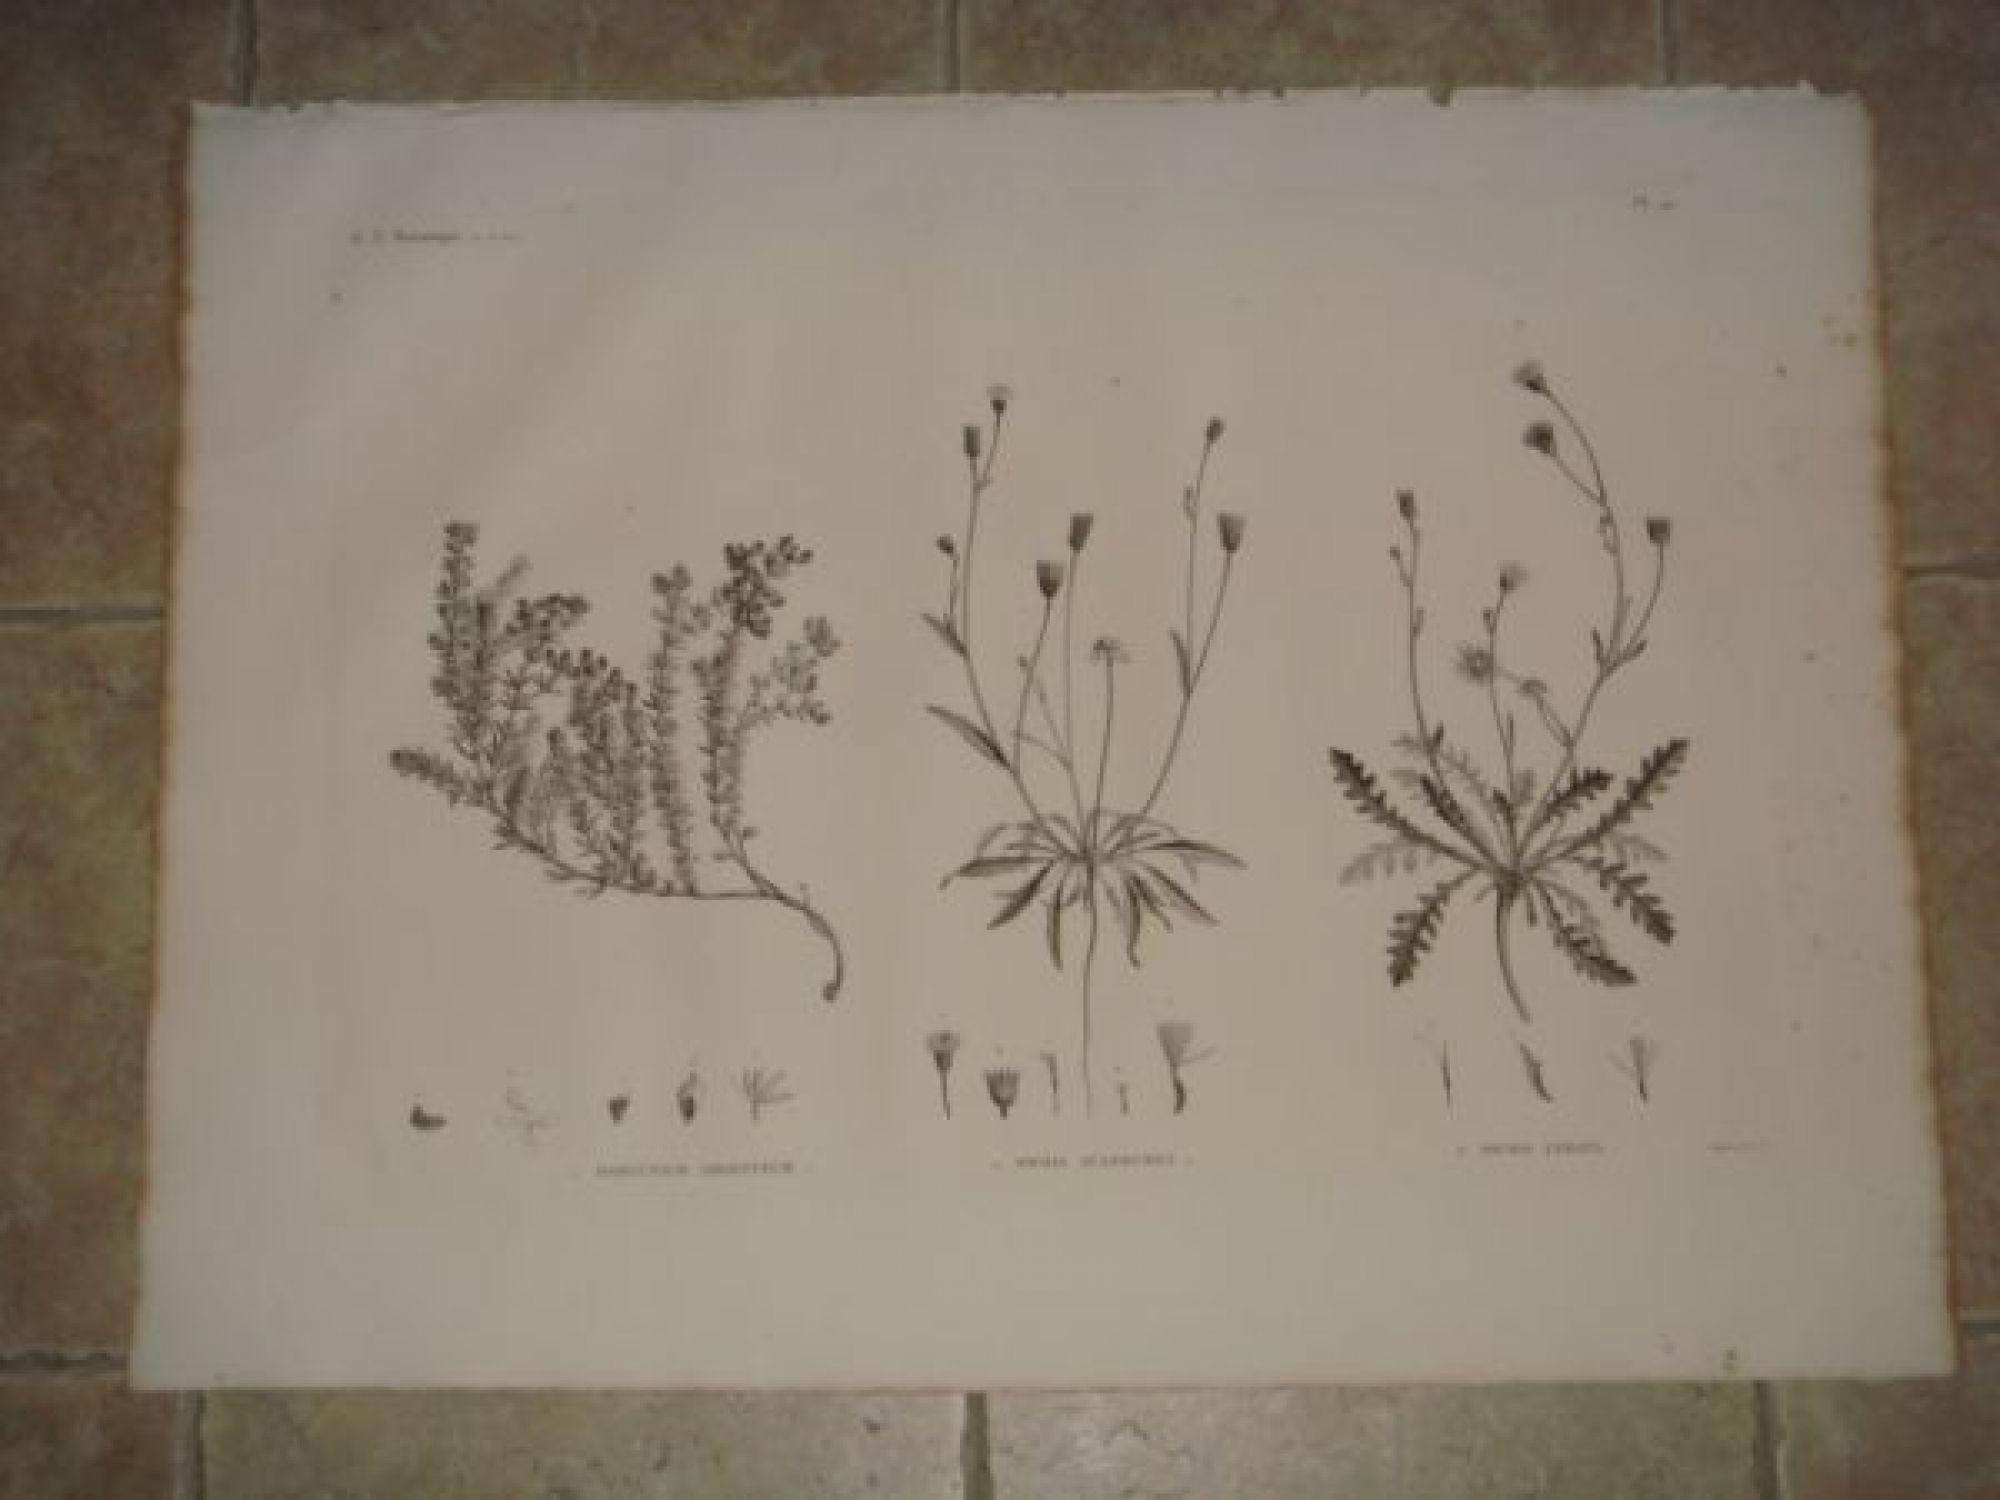 description de l 39 egypte botanique dorycnium argenteum picris sulphurea picris lyrata. Black Bedroom Furniture Sets. Home Design Ideas